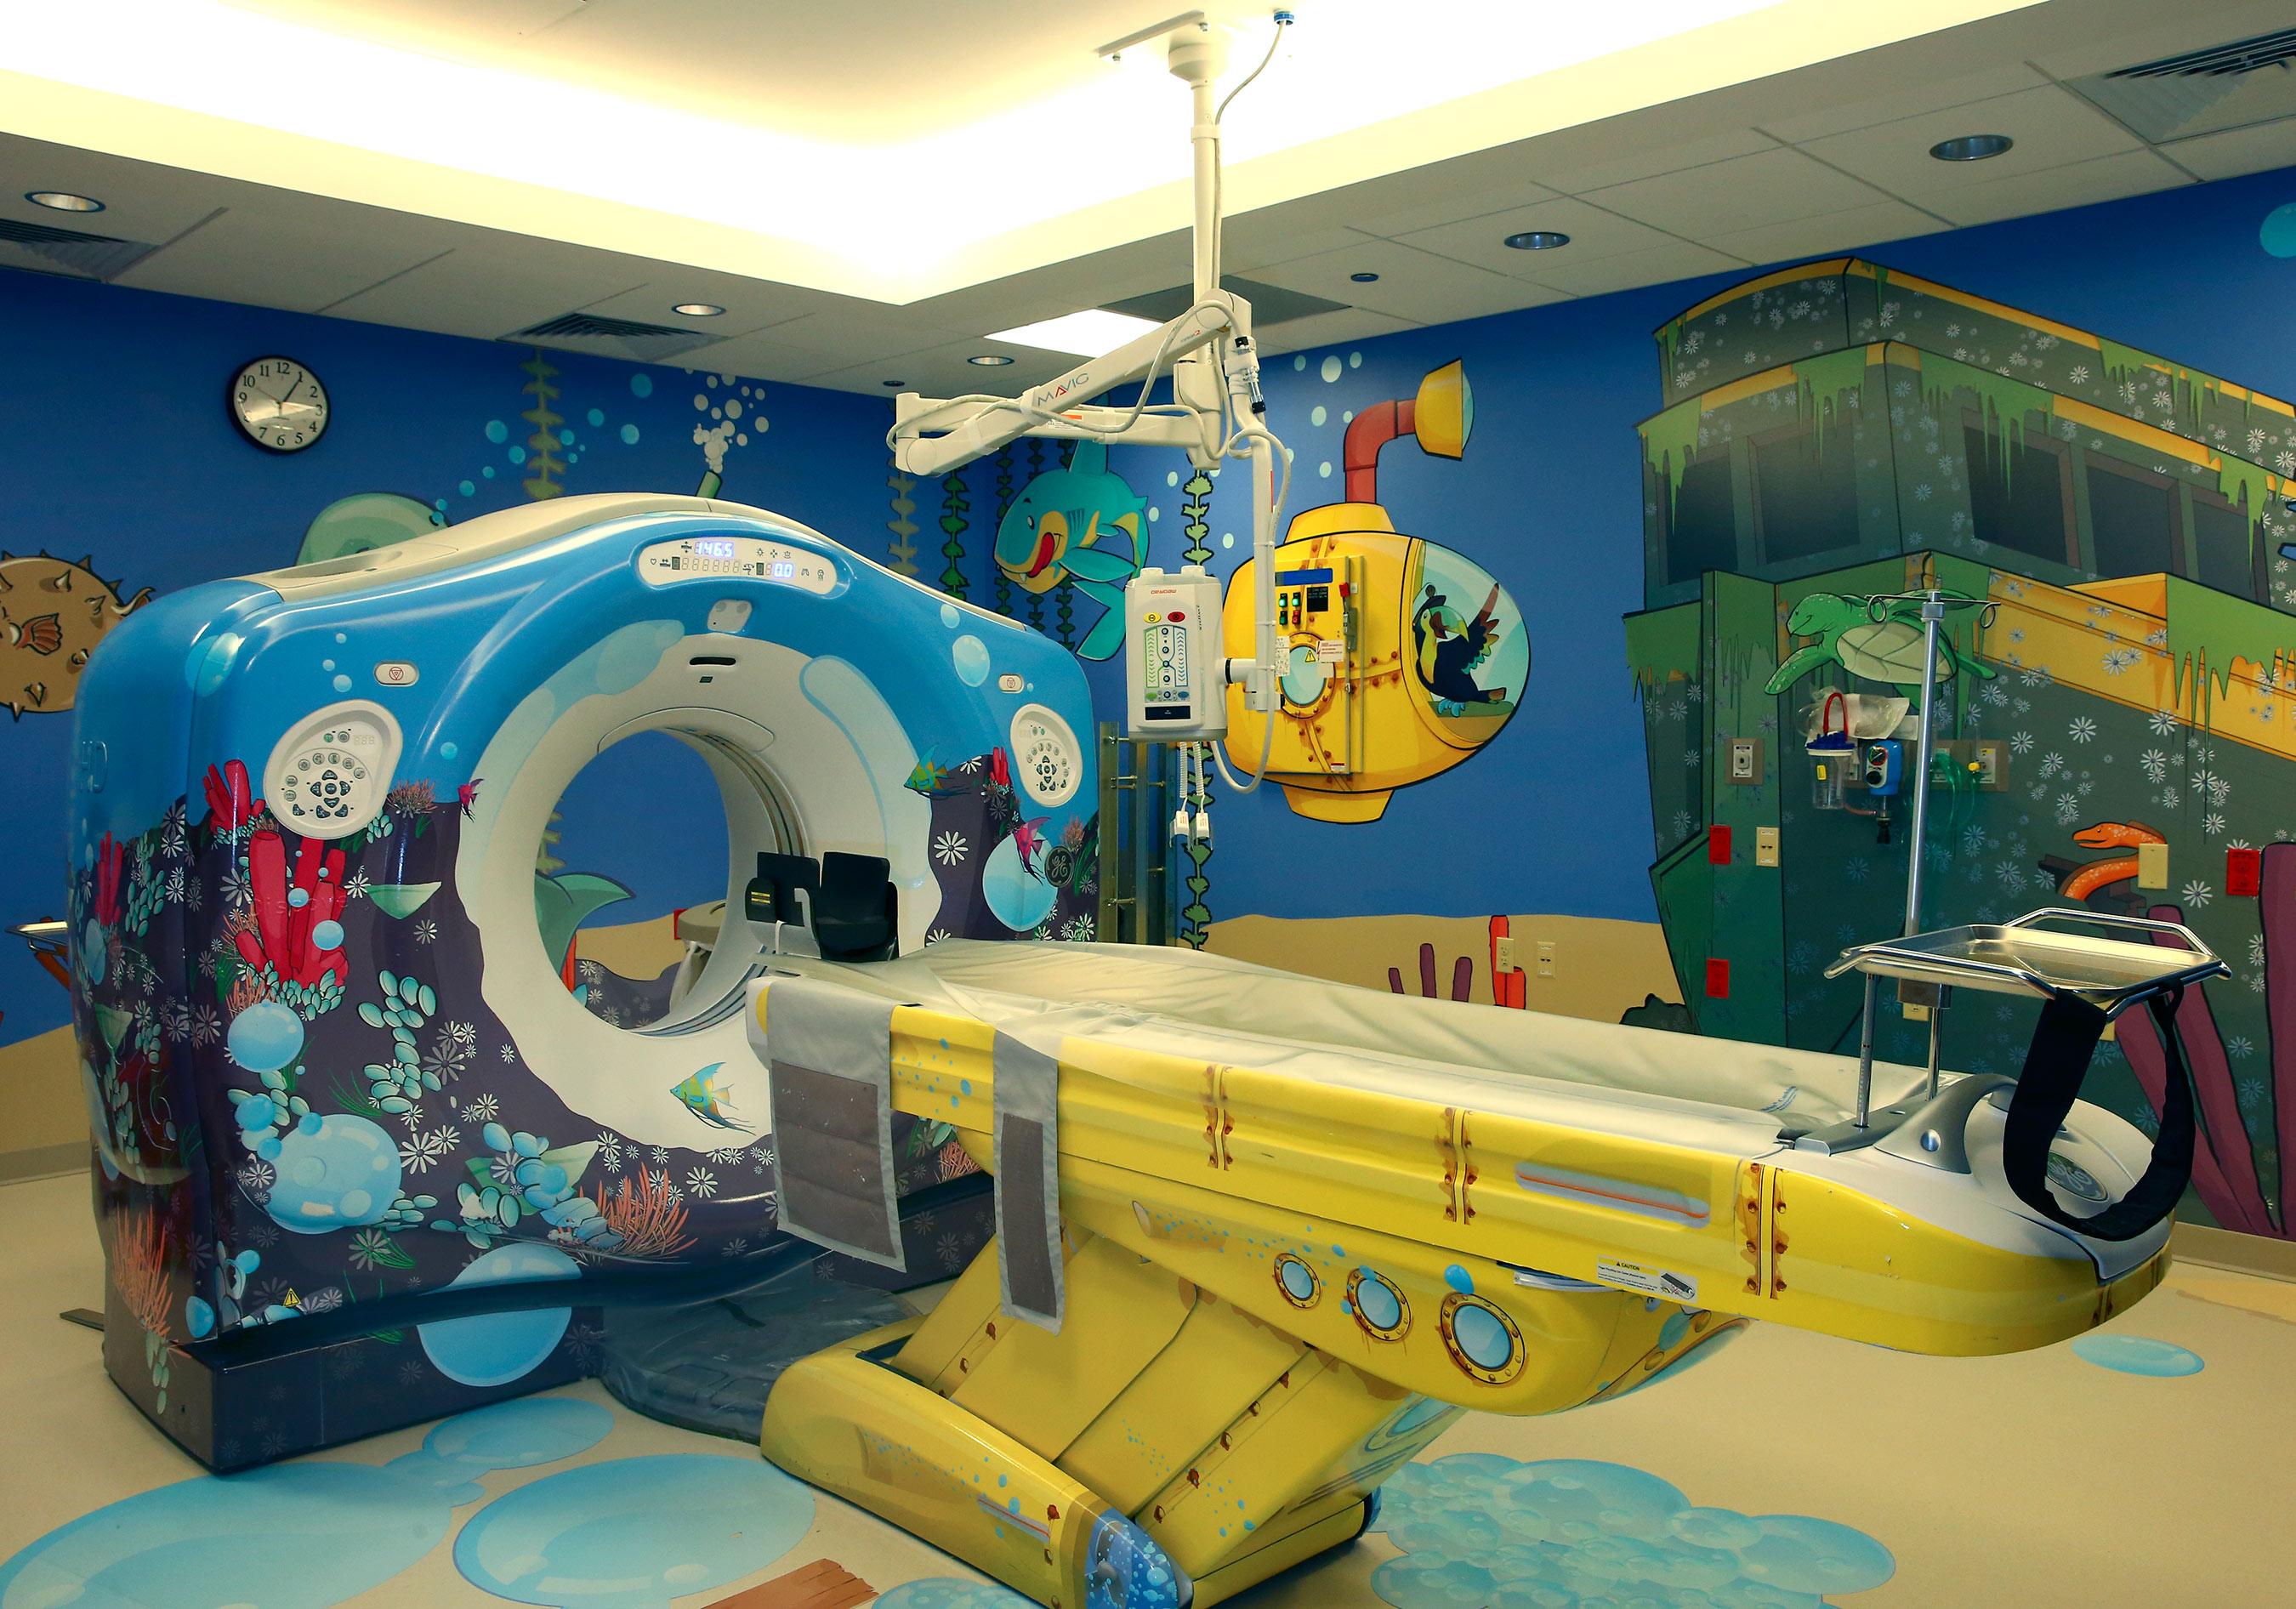 كشف المستشفى صديق الأطفال